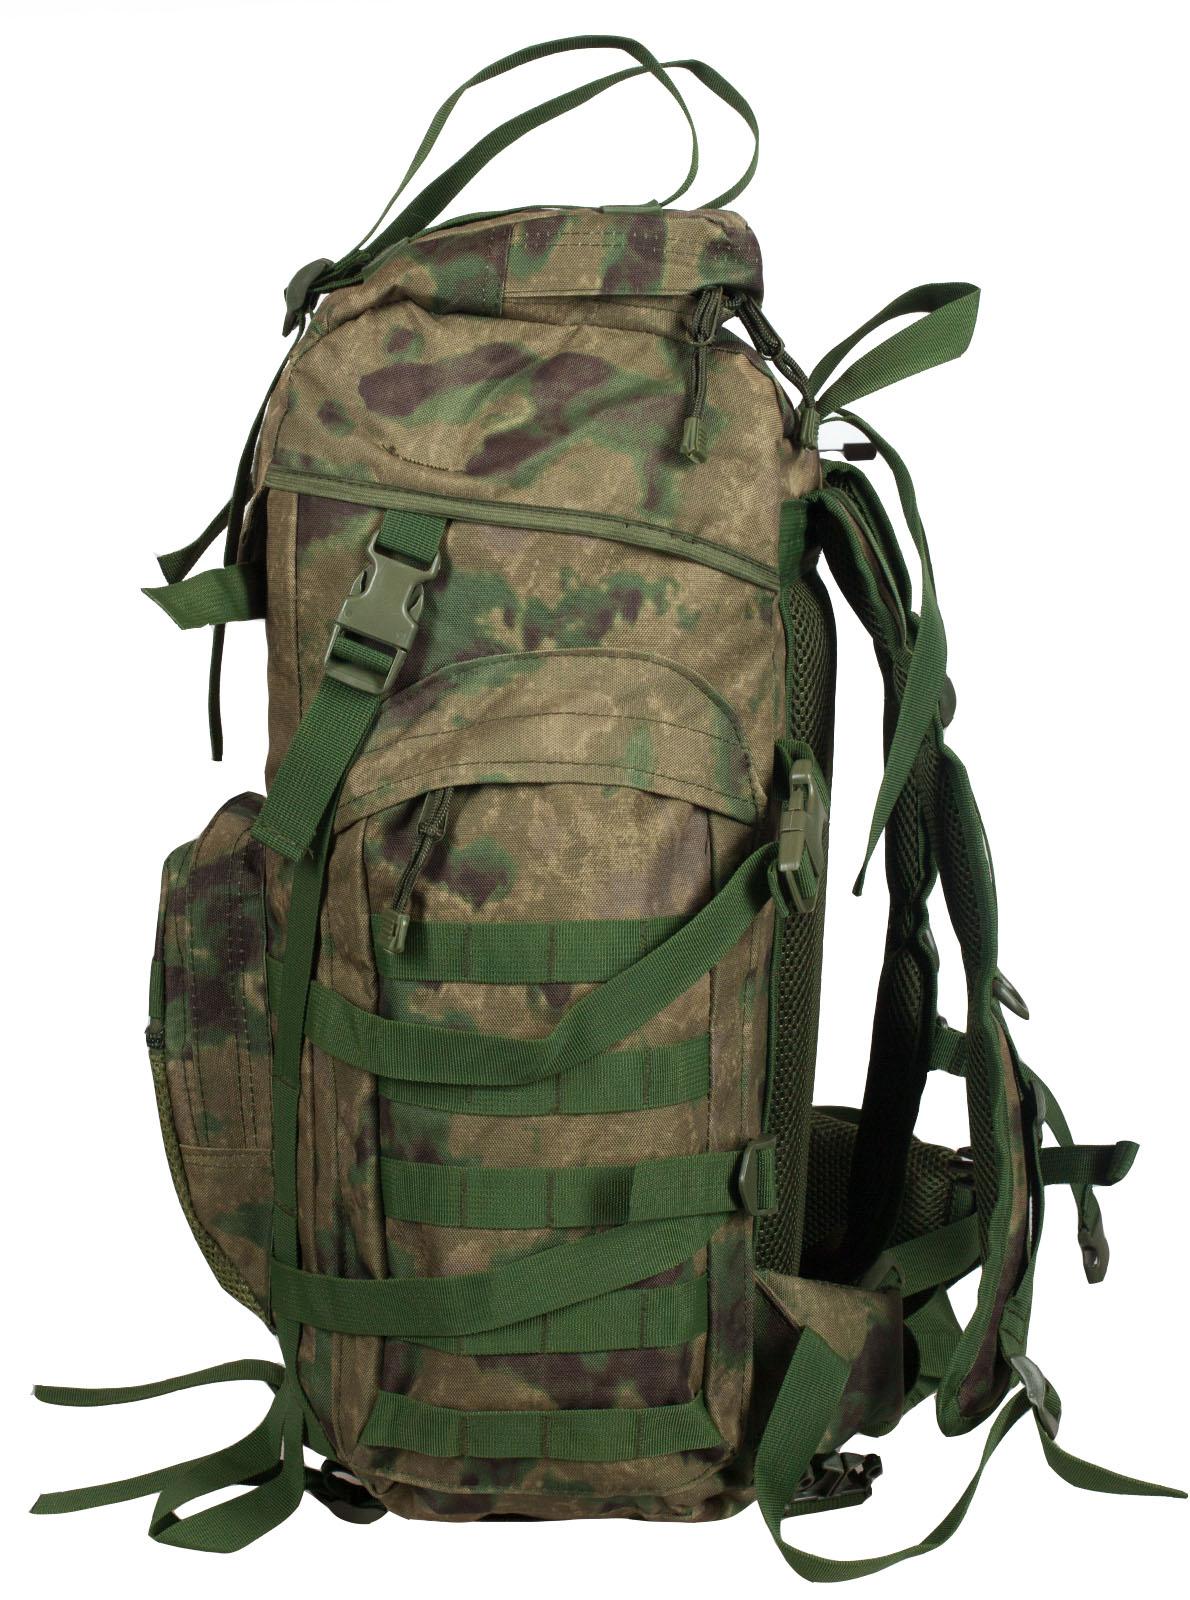 Военный заплечный рюкзак MultiCam A-TACS FG ФСО - заказать онлайн